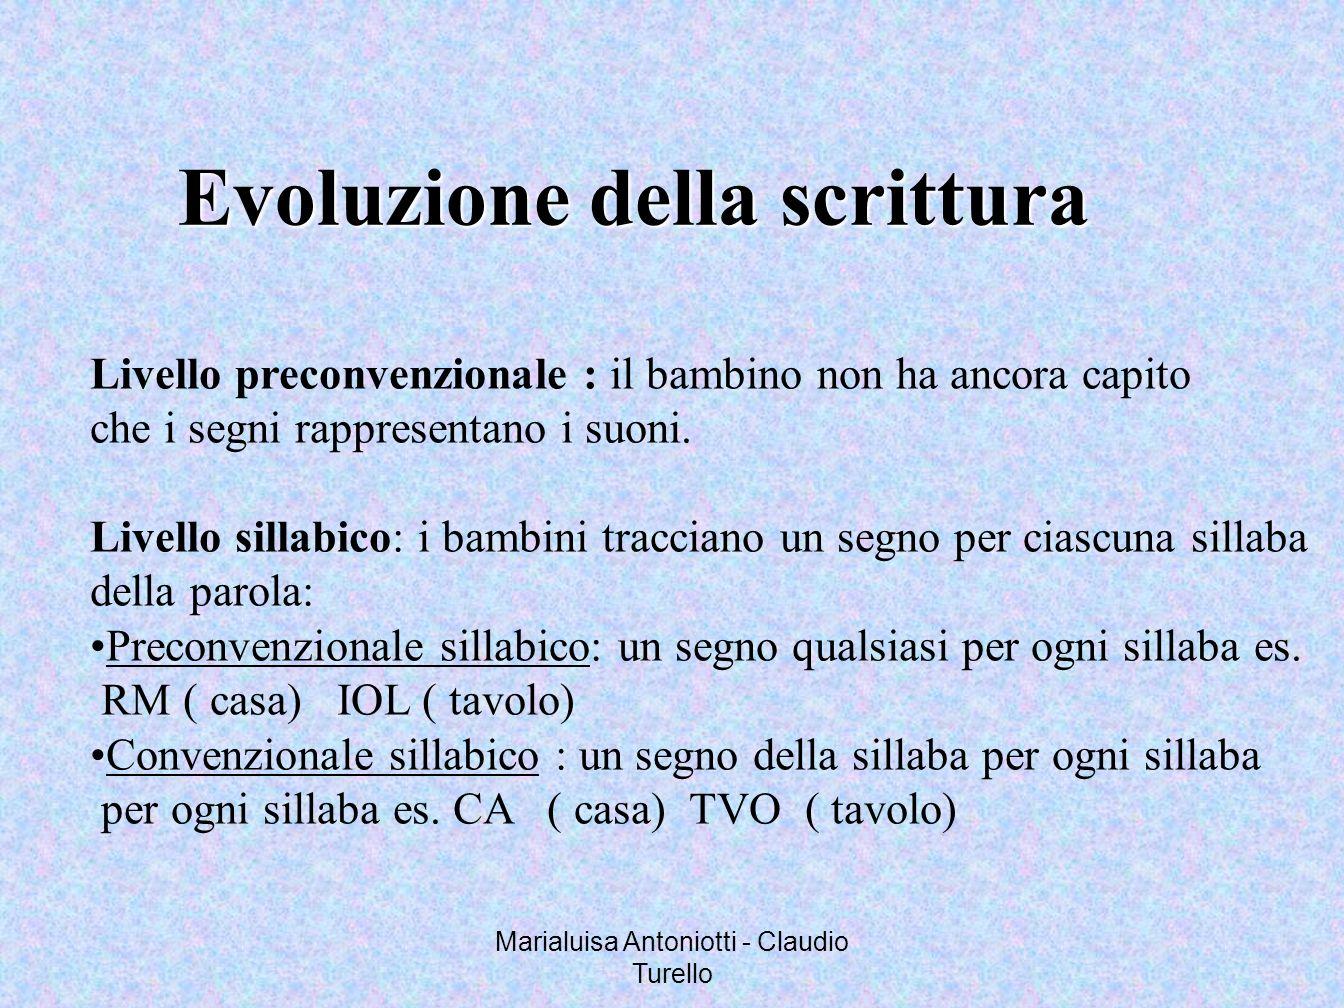 Marialuisa Antoniotti - Claudio Turello Evoluzione della scrittura Livello preconvenzionale : il bambino non ha ancora capito che i segni rappresentan